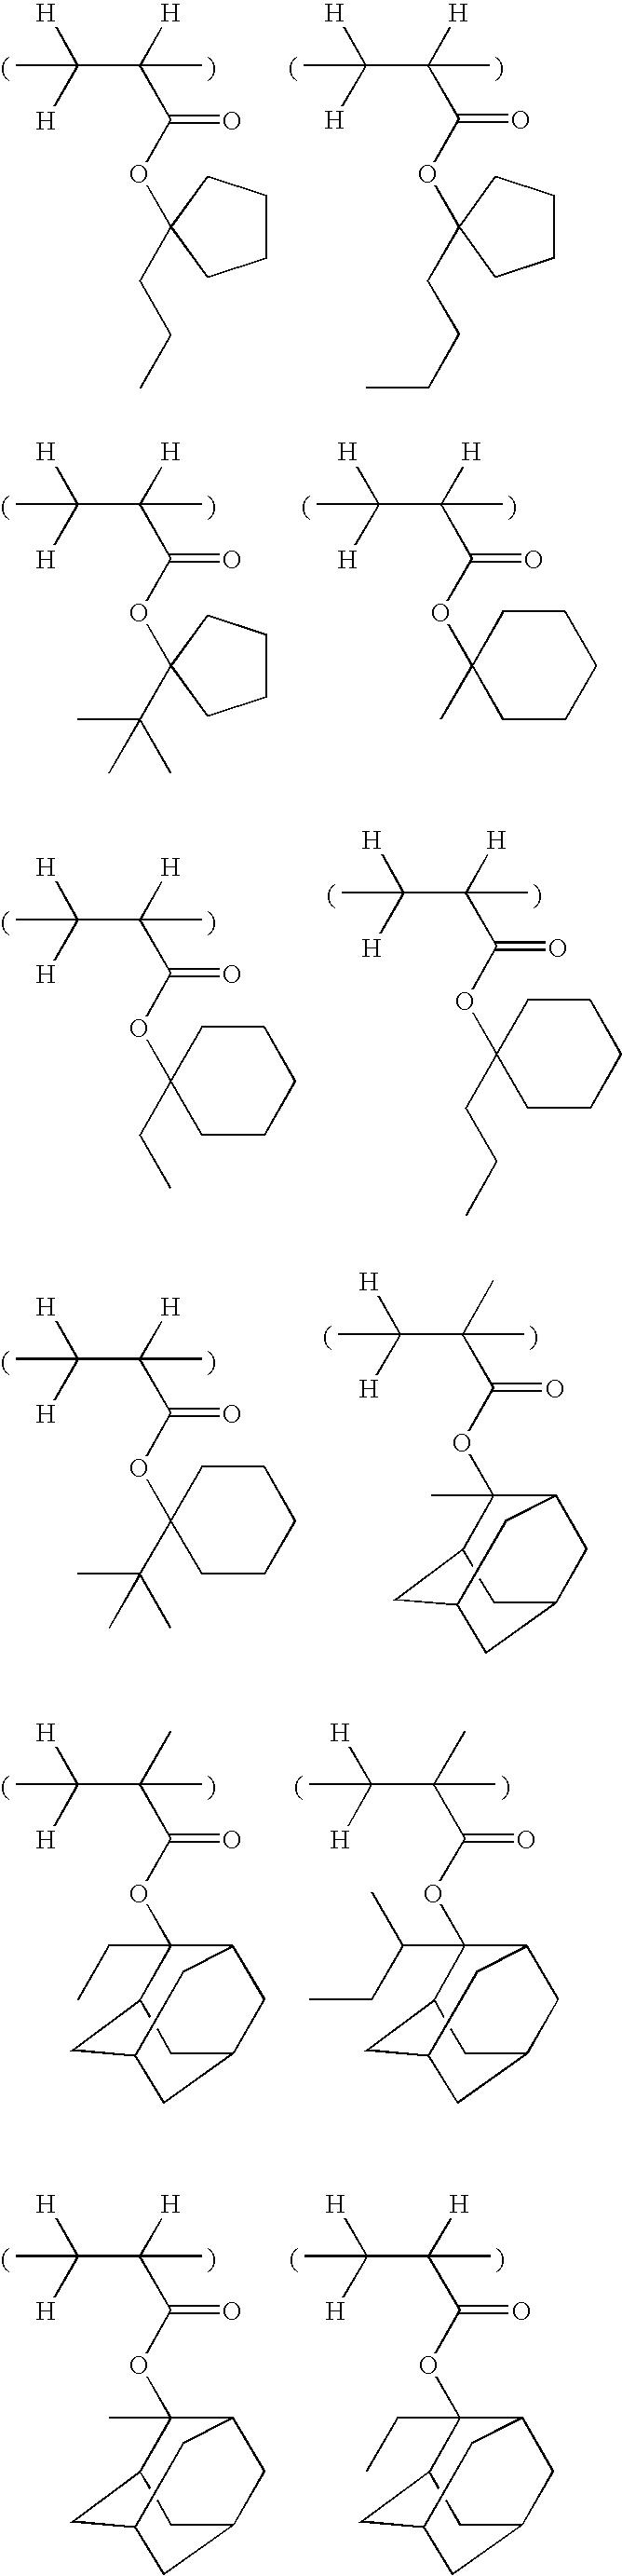 Figure US20070231738A1-20071004-C00046